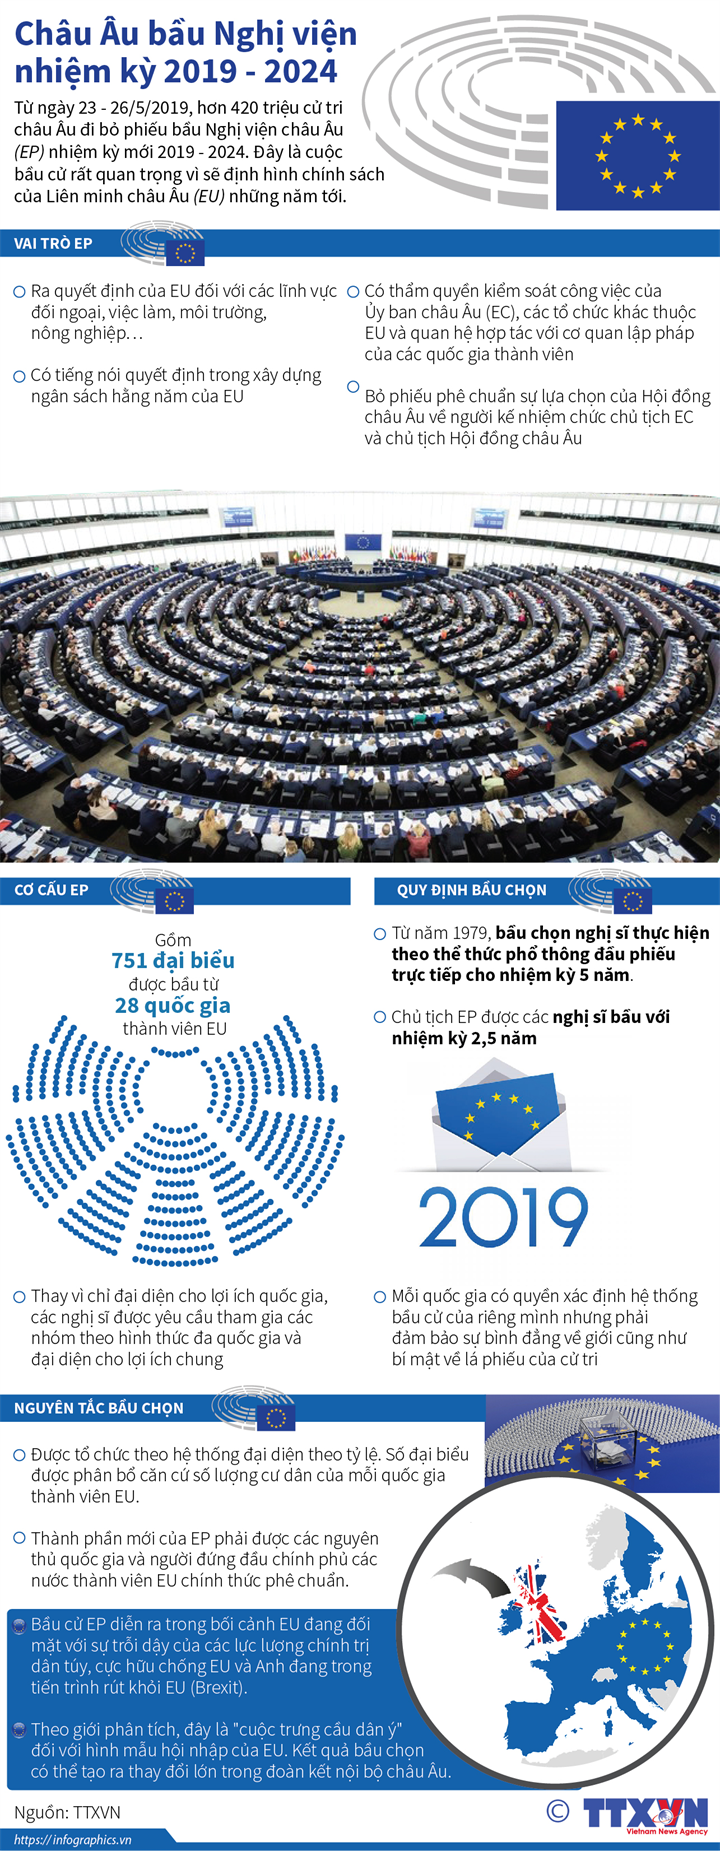 Châu Âu bầu Nghị viện nhiệm kỳ 2019 - 2024